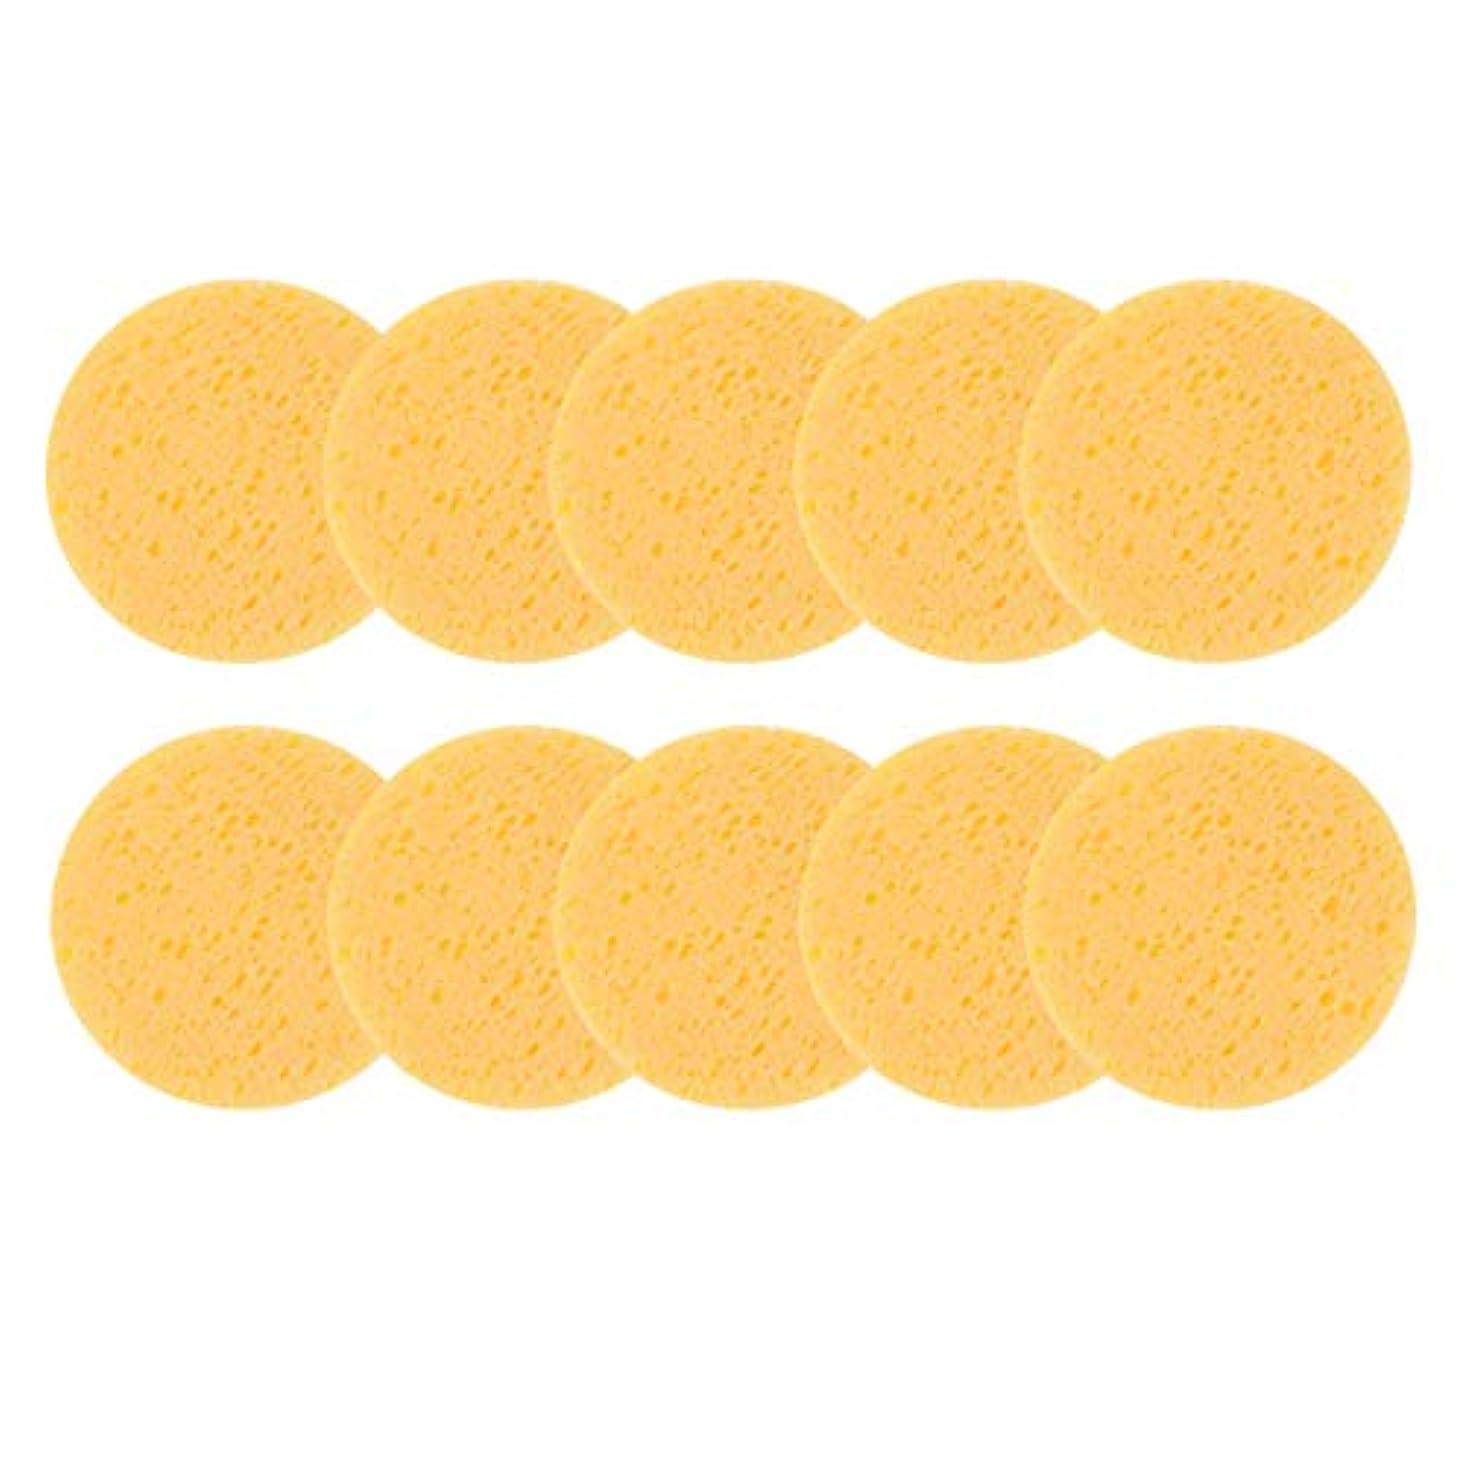 特殊荒廃する強調するFrcolor フェイシャルスポンジ クレンジングシート メイク落とし 柔らかい 天然 美肌 角質 皮脂 除去 洗顔 拭き取り用 スポンジ 10個セット(黄色)